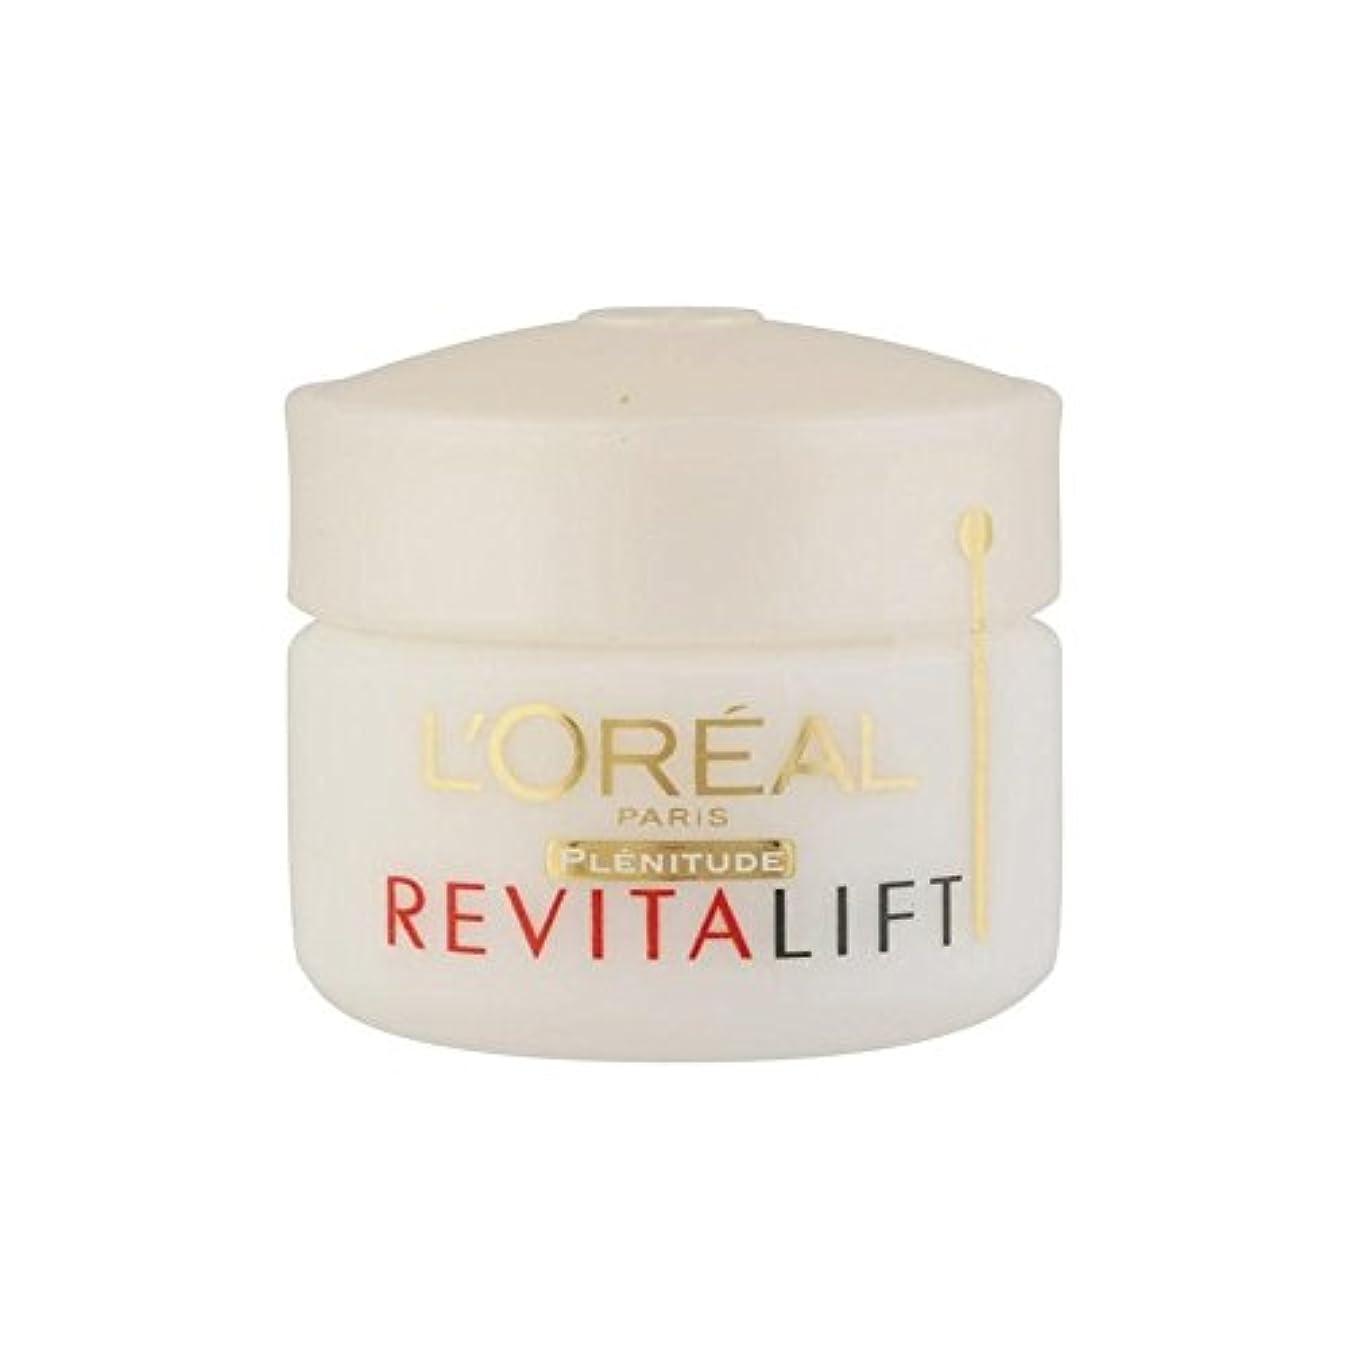 ポータル忘れっぽい中止しますL'Oreal Paris Dermo Expertise Revitalift Anti-Wrinkle + Firming Eye Cream (15ml) - ロレアルパリ?ダーモ専門知識の抗しわ+ファーミングアイクリーム(15ミリリットル) [並行輸入品]